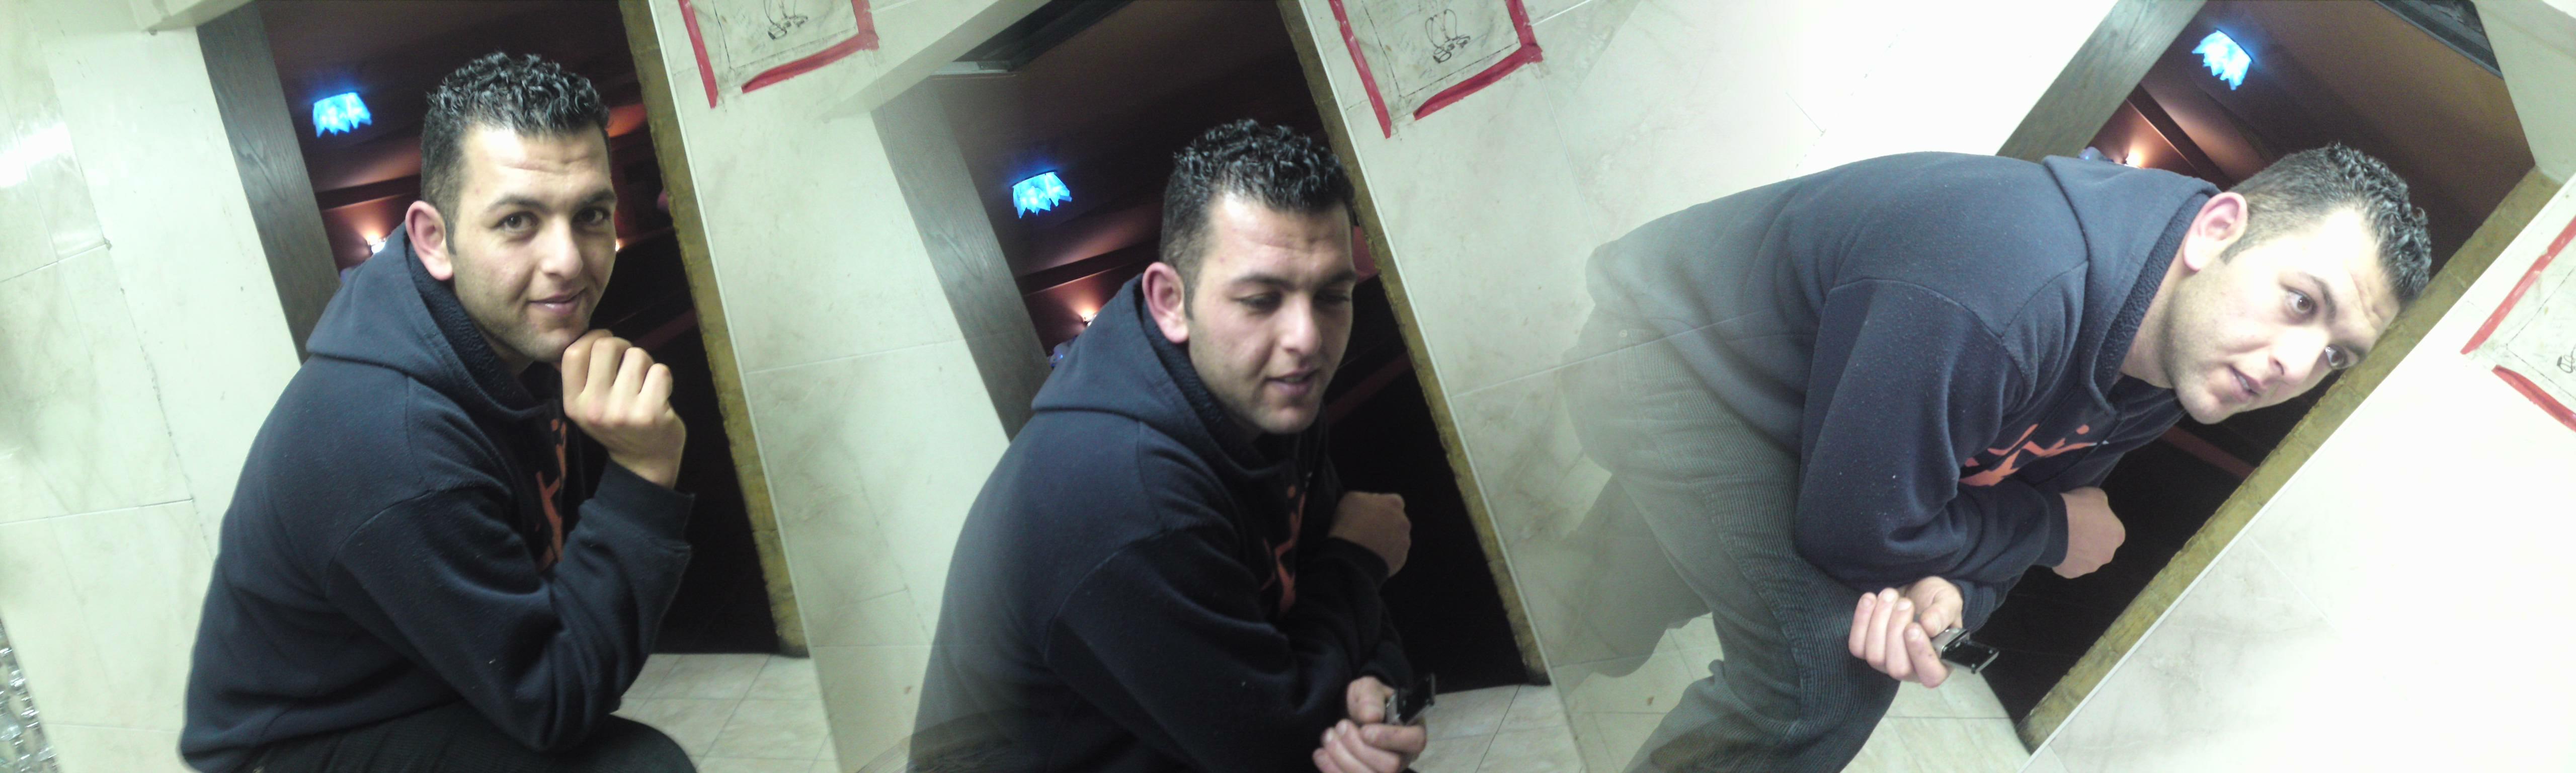 khader abu 3ahour